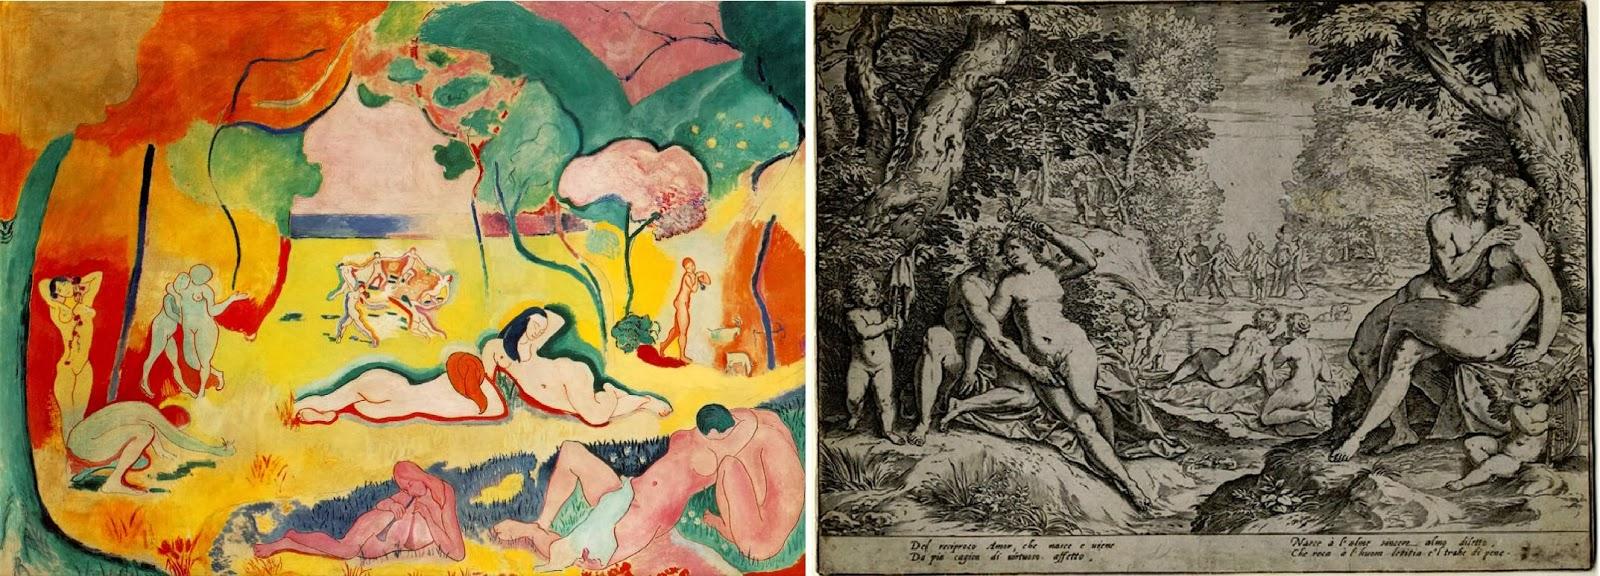 1558 Agostino Carracci Reciproco Amore - Henri Matisse Joie de vivre - gioia di vivere 1905